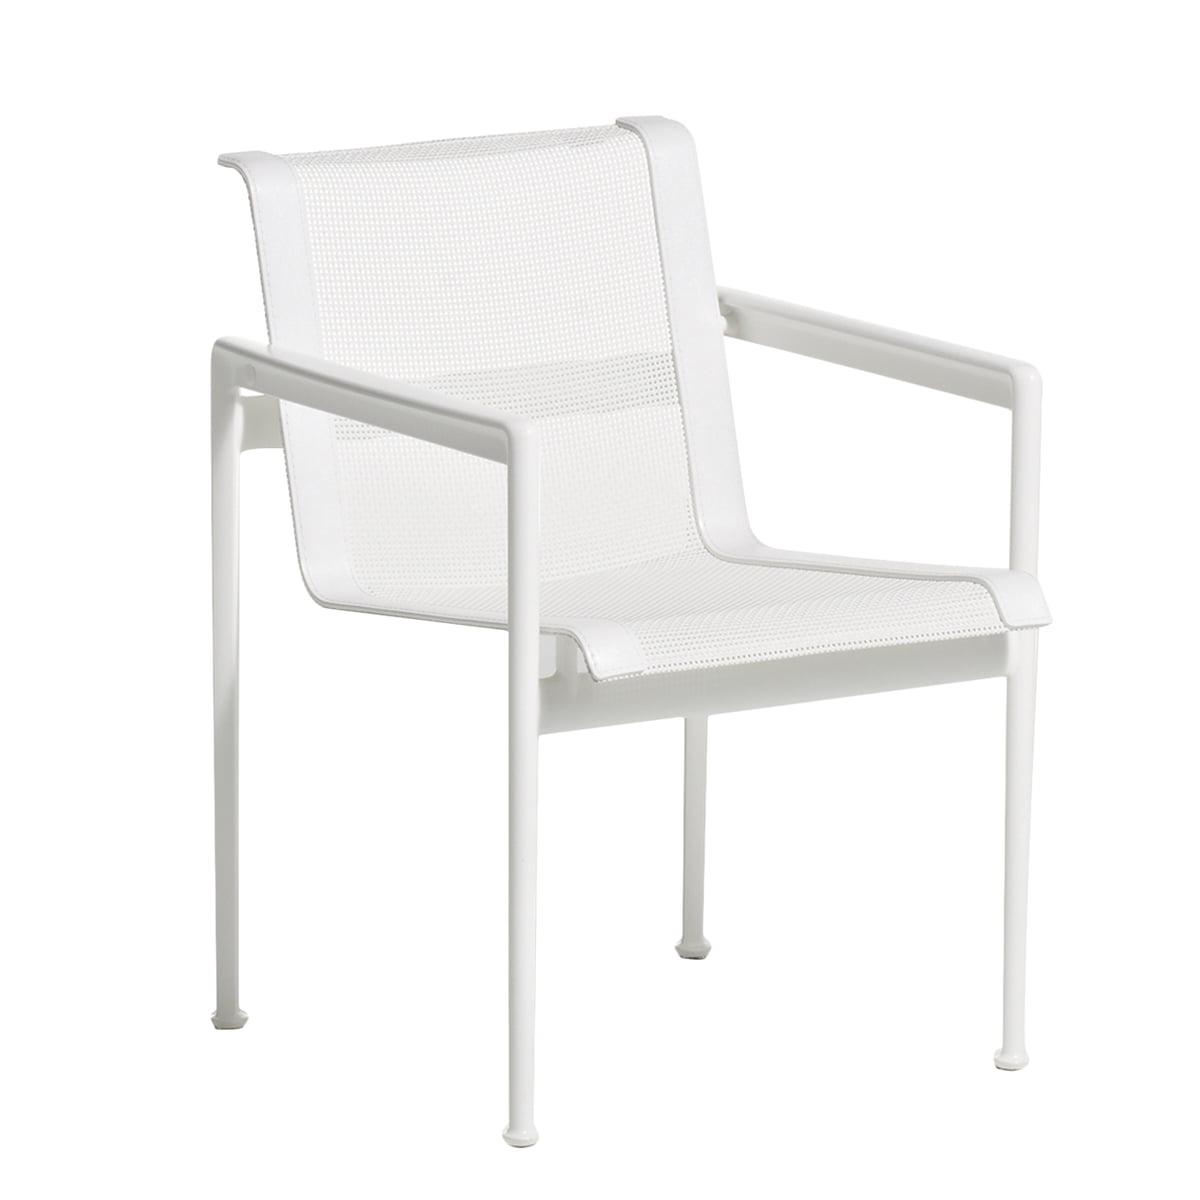 Wunderbar Esstischstuhl Weiß Referenz Von Knoll - 1966 Mit Armlehnen, Weiß